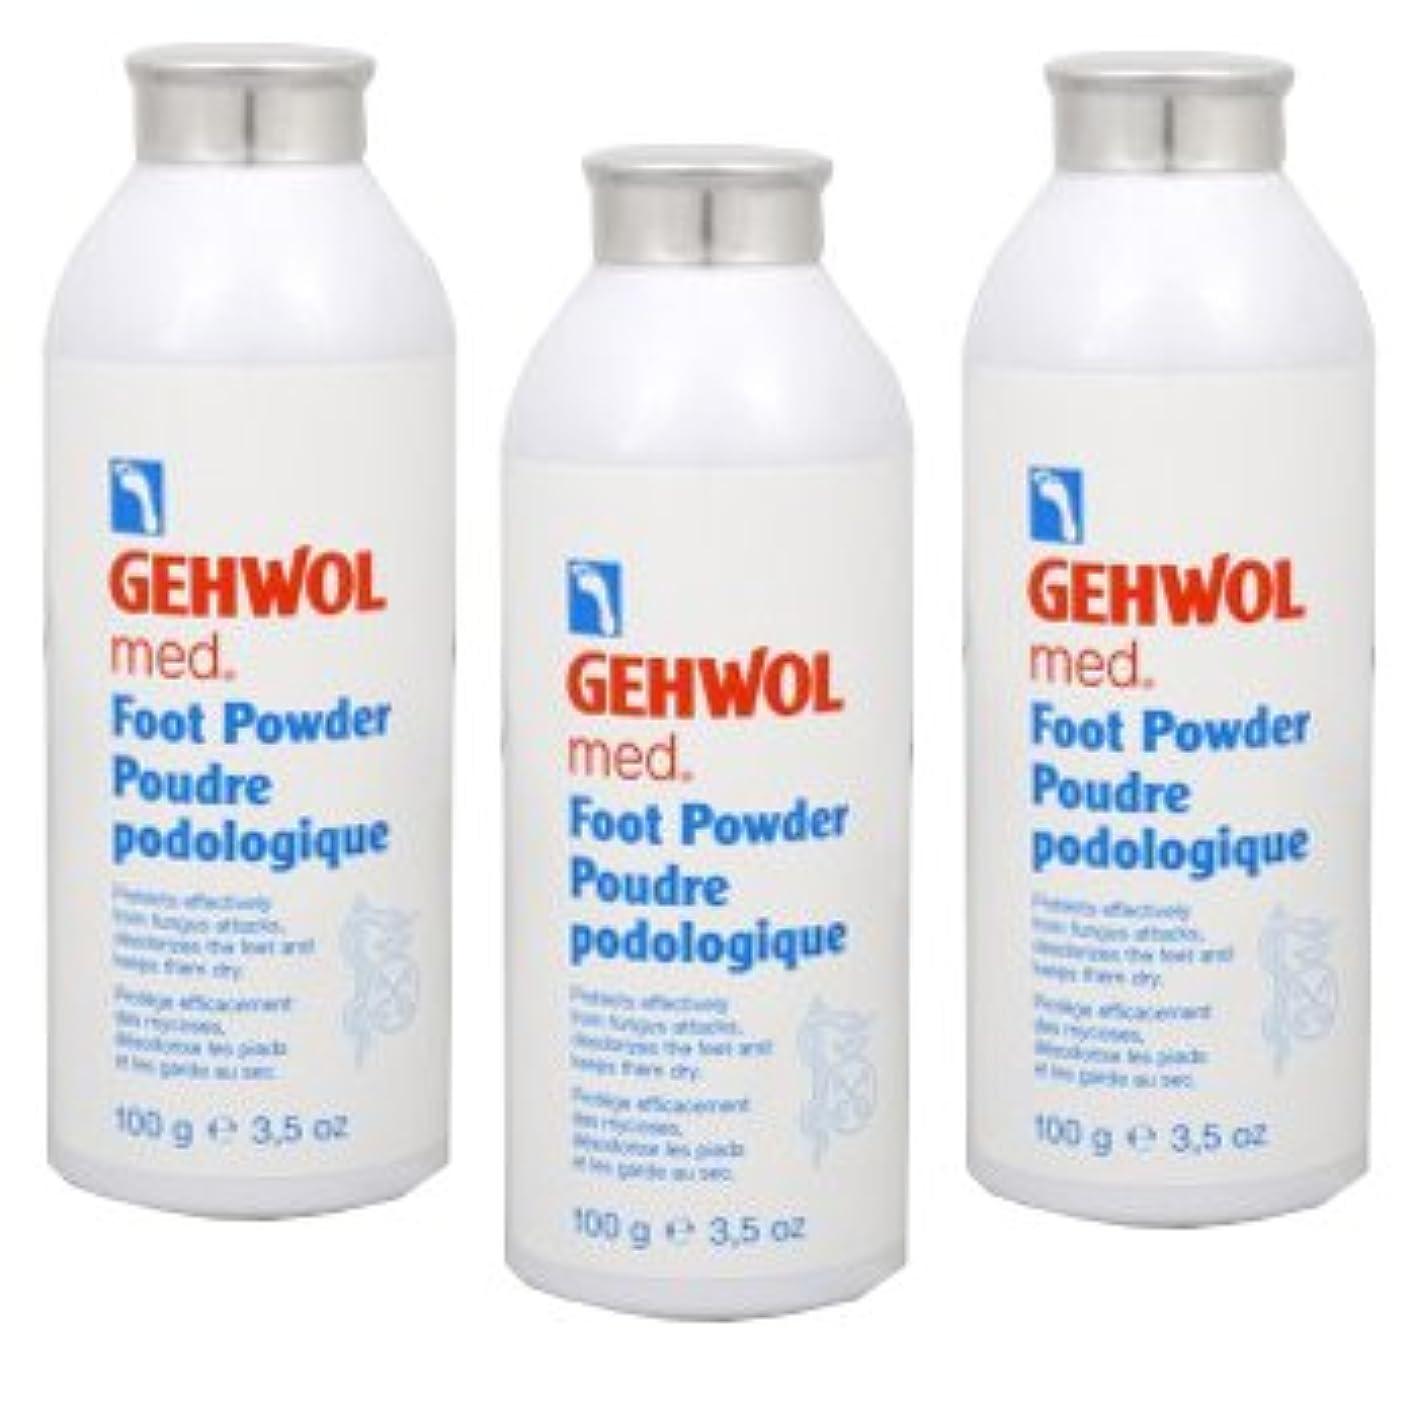 舌なにんじん誤解を招くGEHWOL ゲウォール フットパウダー 100g 3個セット 靴や足の臭い対策用、除菌?抗菌?消臭パウダー